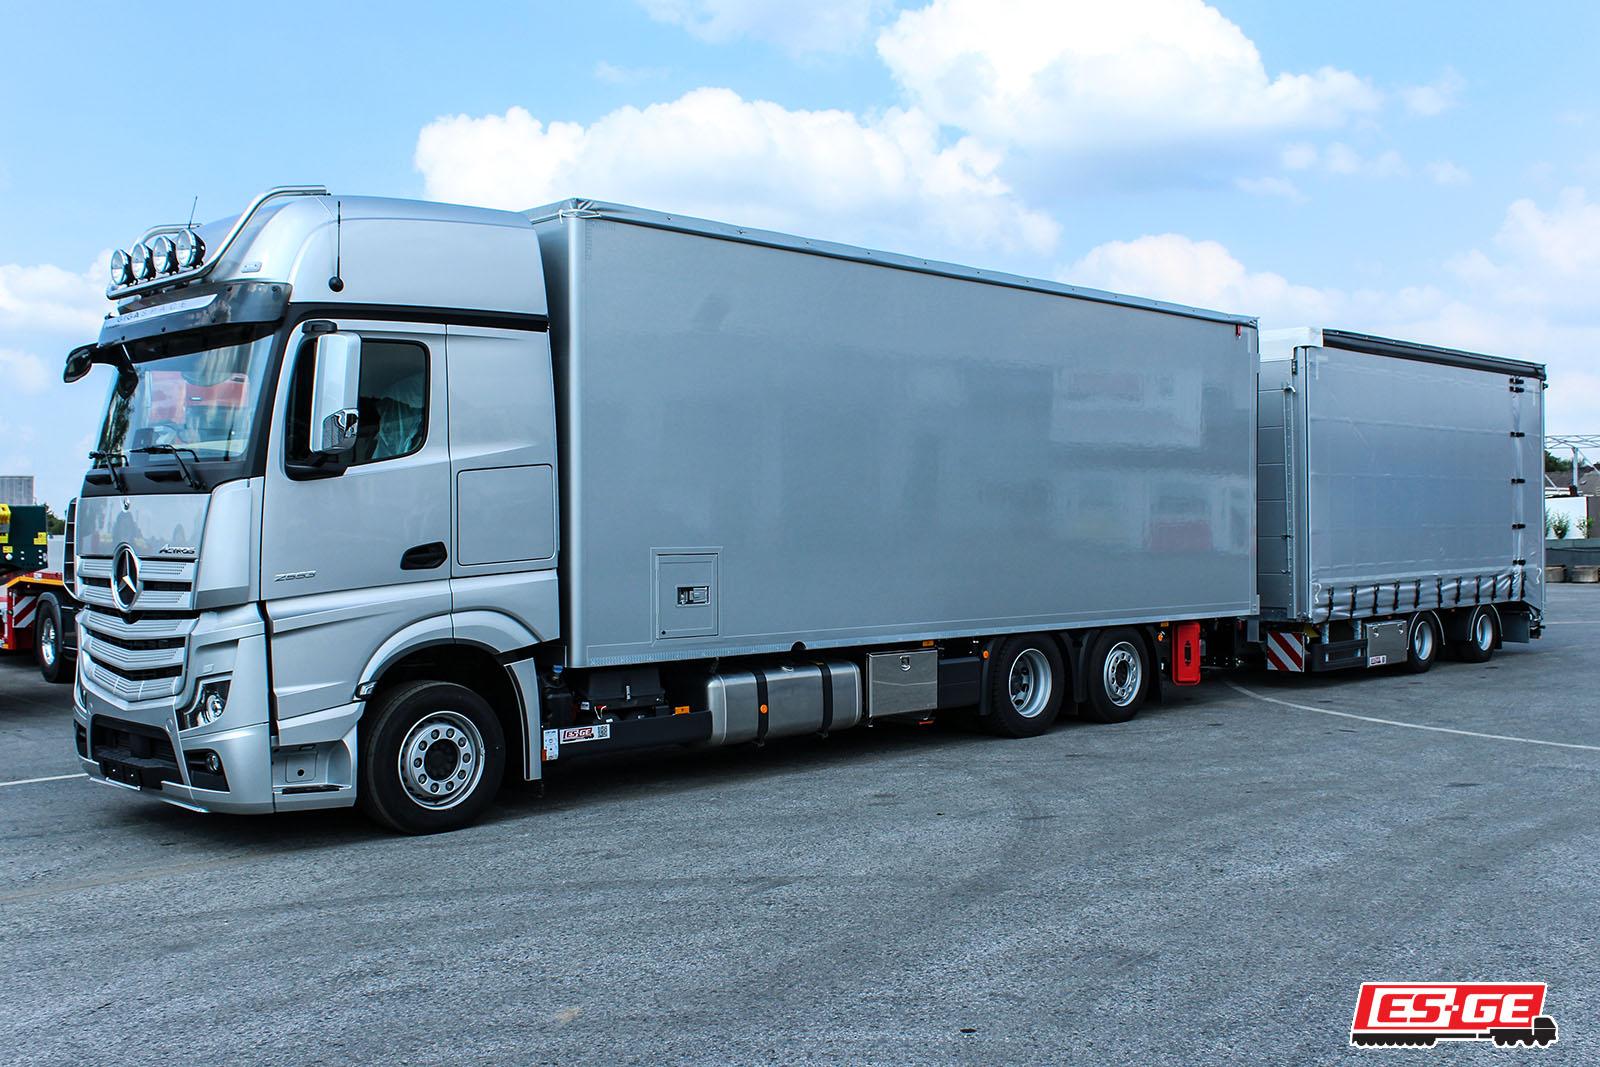 Rothmund-ES-GE-Referenzen-Mercedes-Actros-ES-GE-Anhänger-11